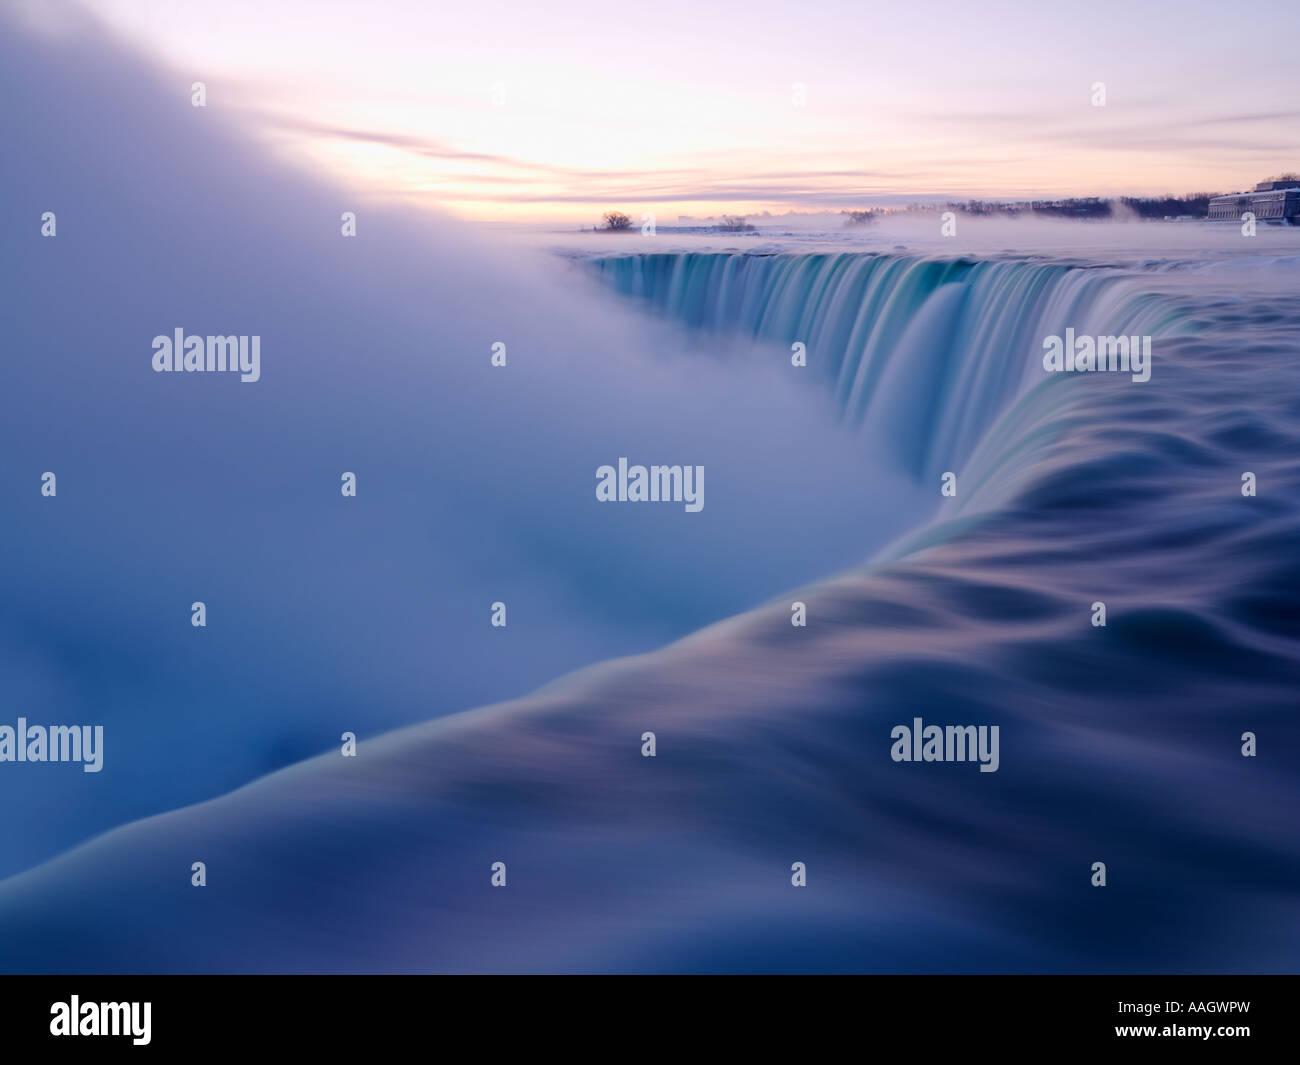 Canada Ontario Niagara Falls - Stock Image